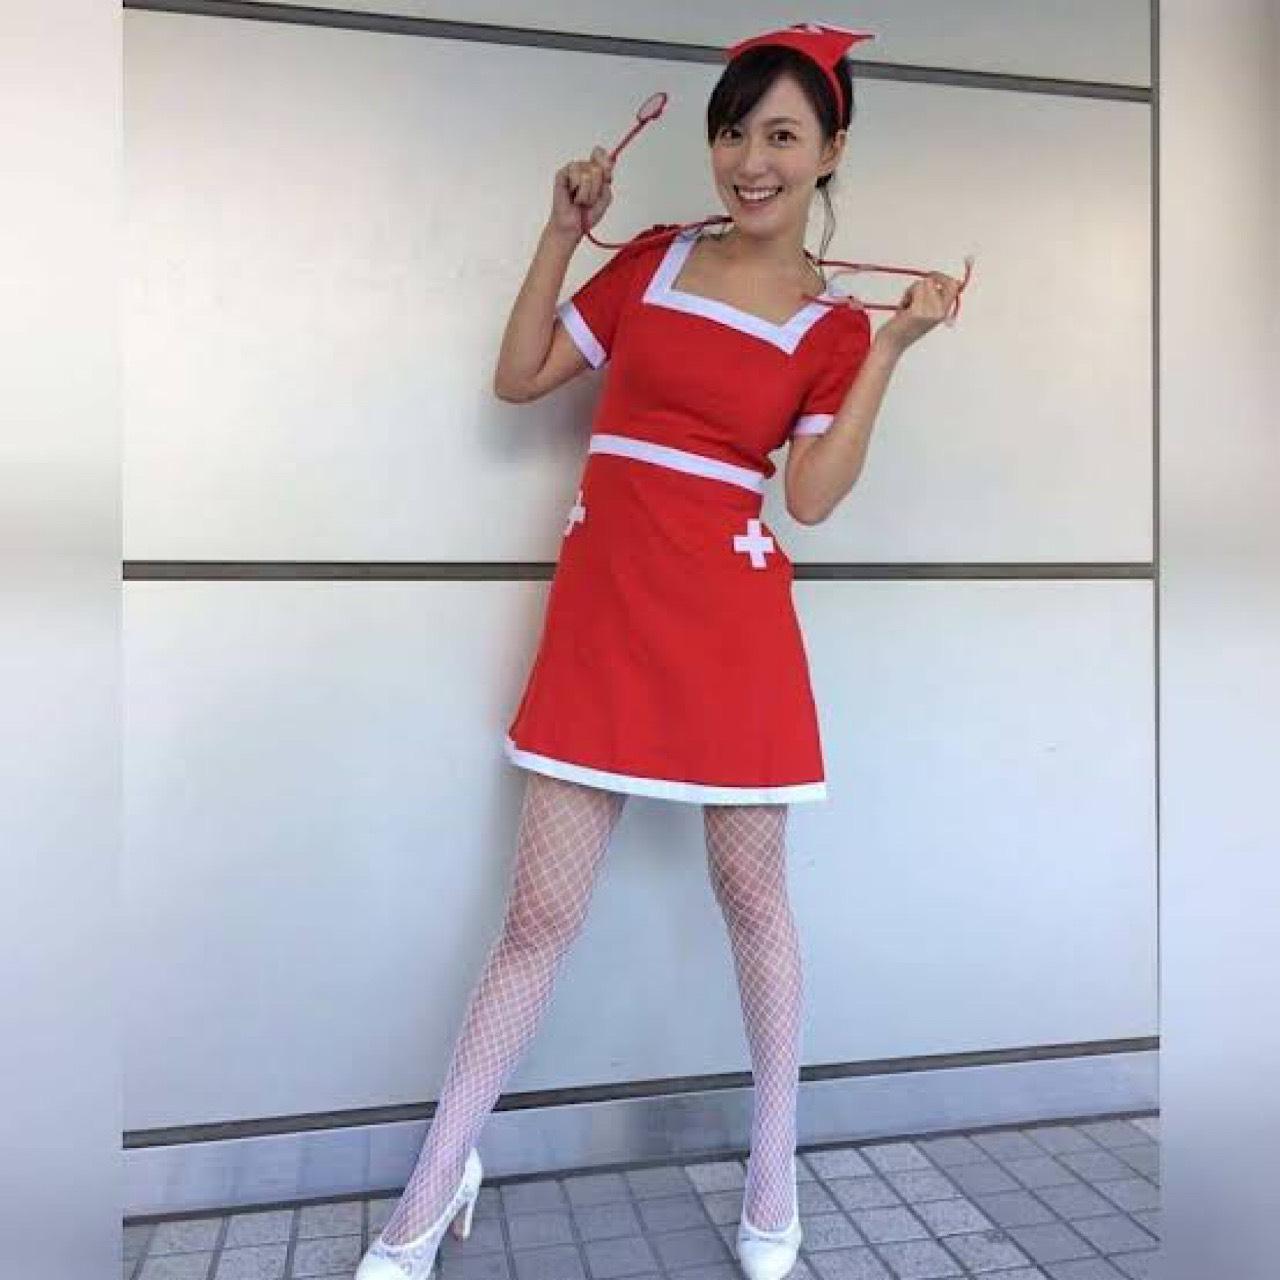 阿部華也子(あべかやこ)のアイドル時代(SPATIO)の動画が話題に!単独ライブやCM動画も!